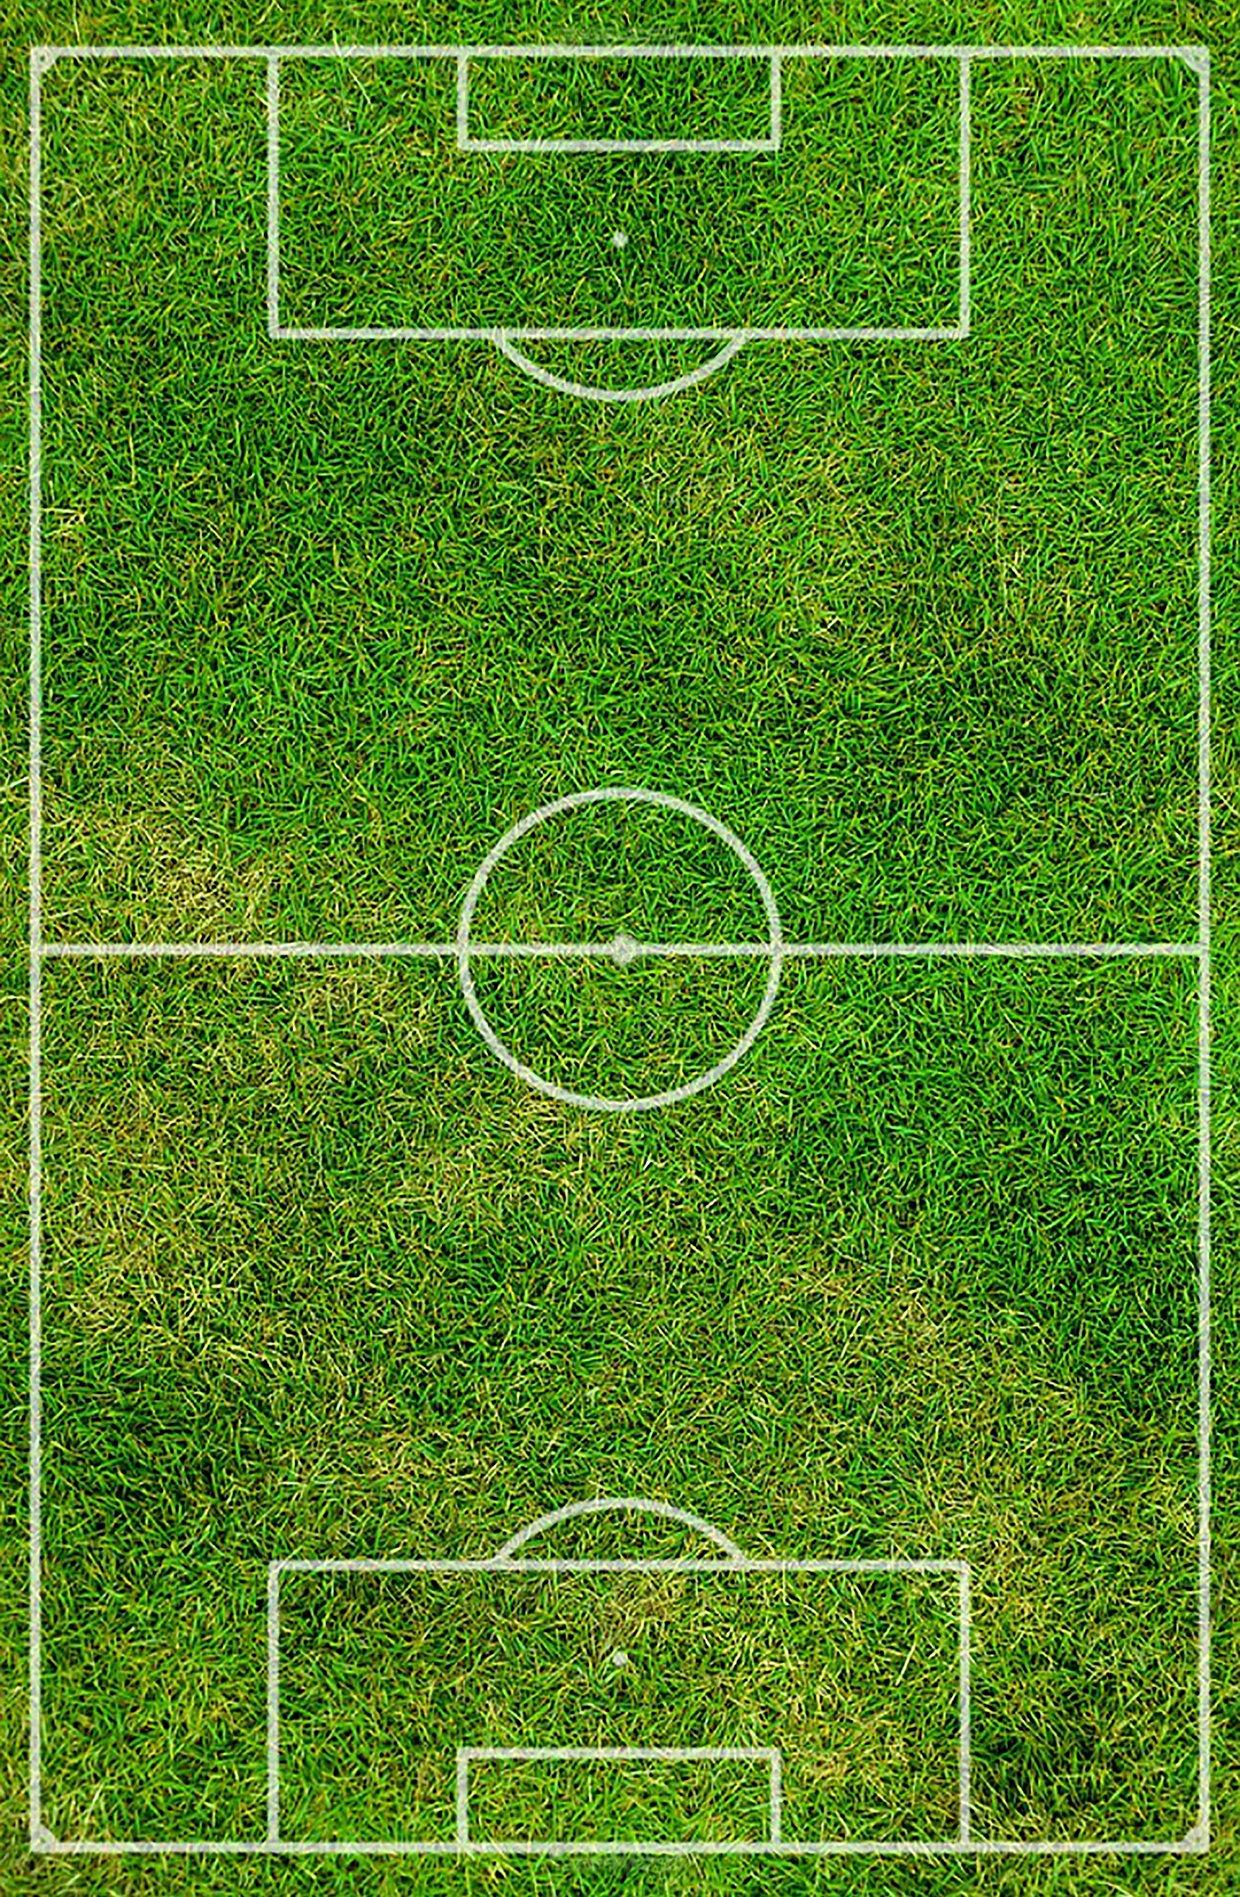 DFB-Fans offenbaren ihre Lieblingsspieler